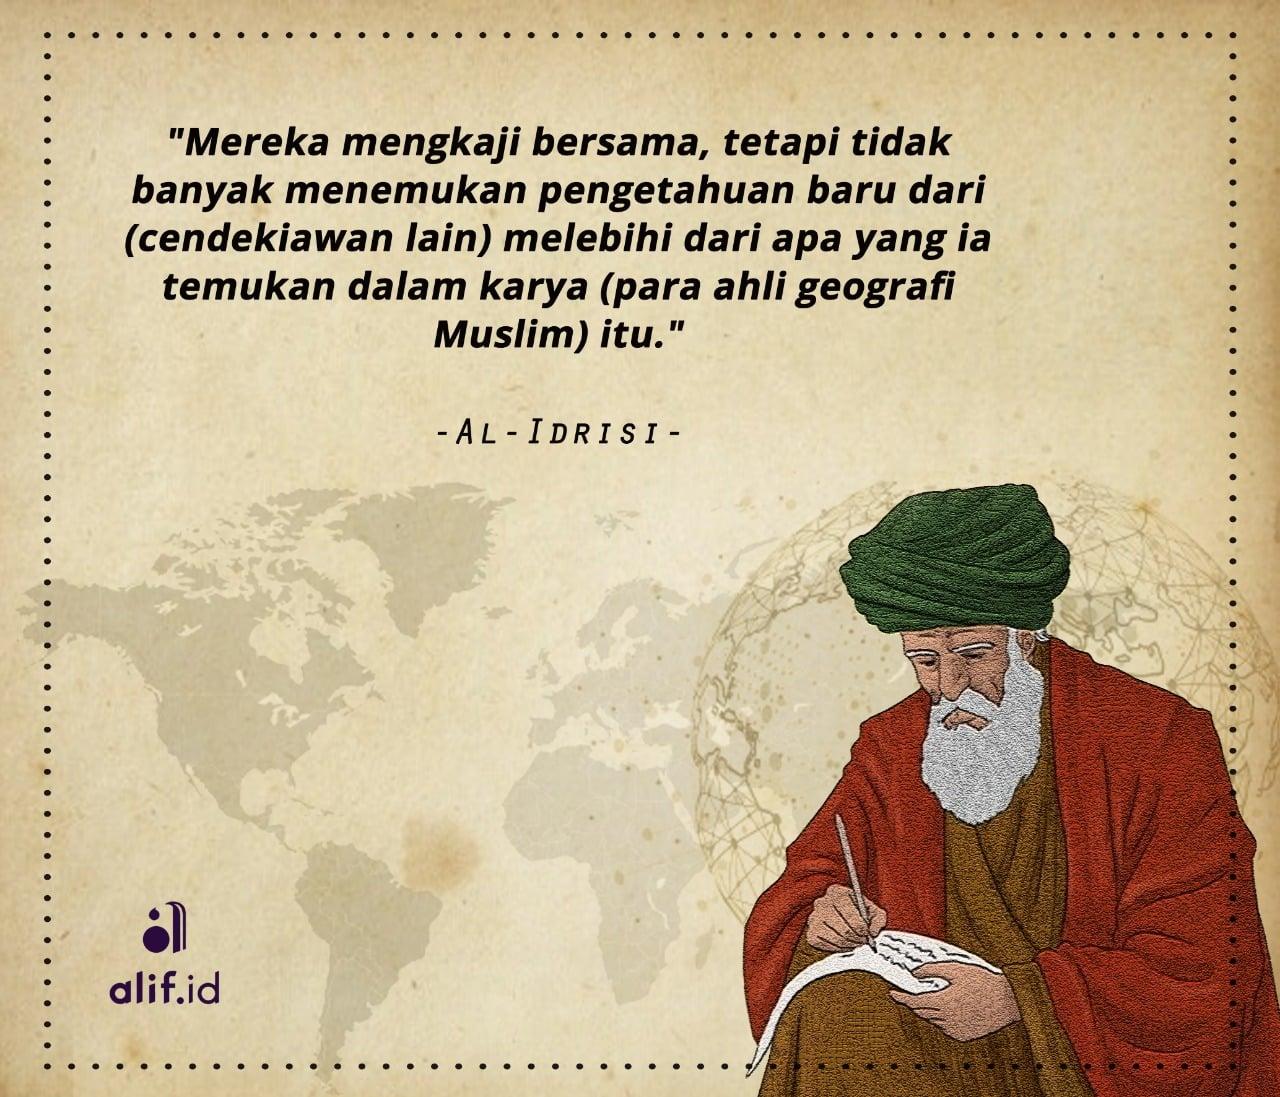 Ilmuwan Besar Dalam Dunia Islam 7 Persekutuan Al Idrisi